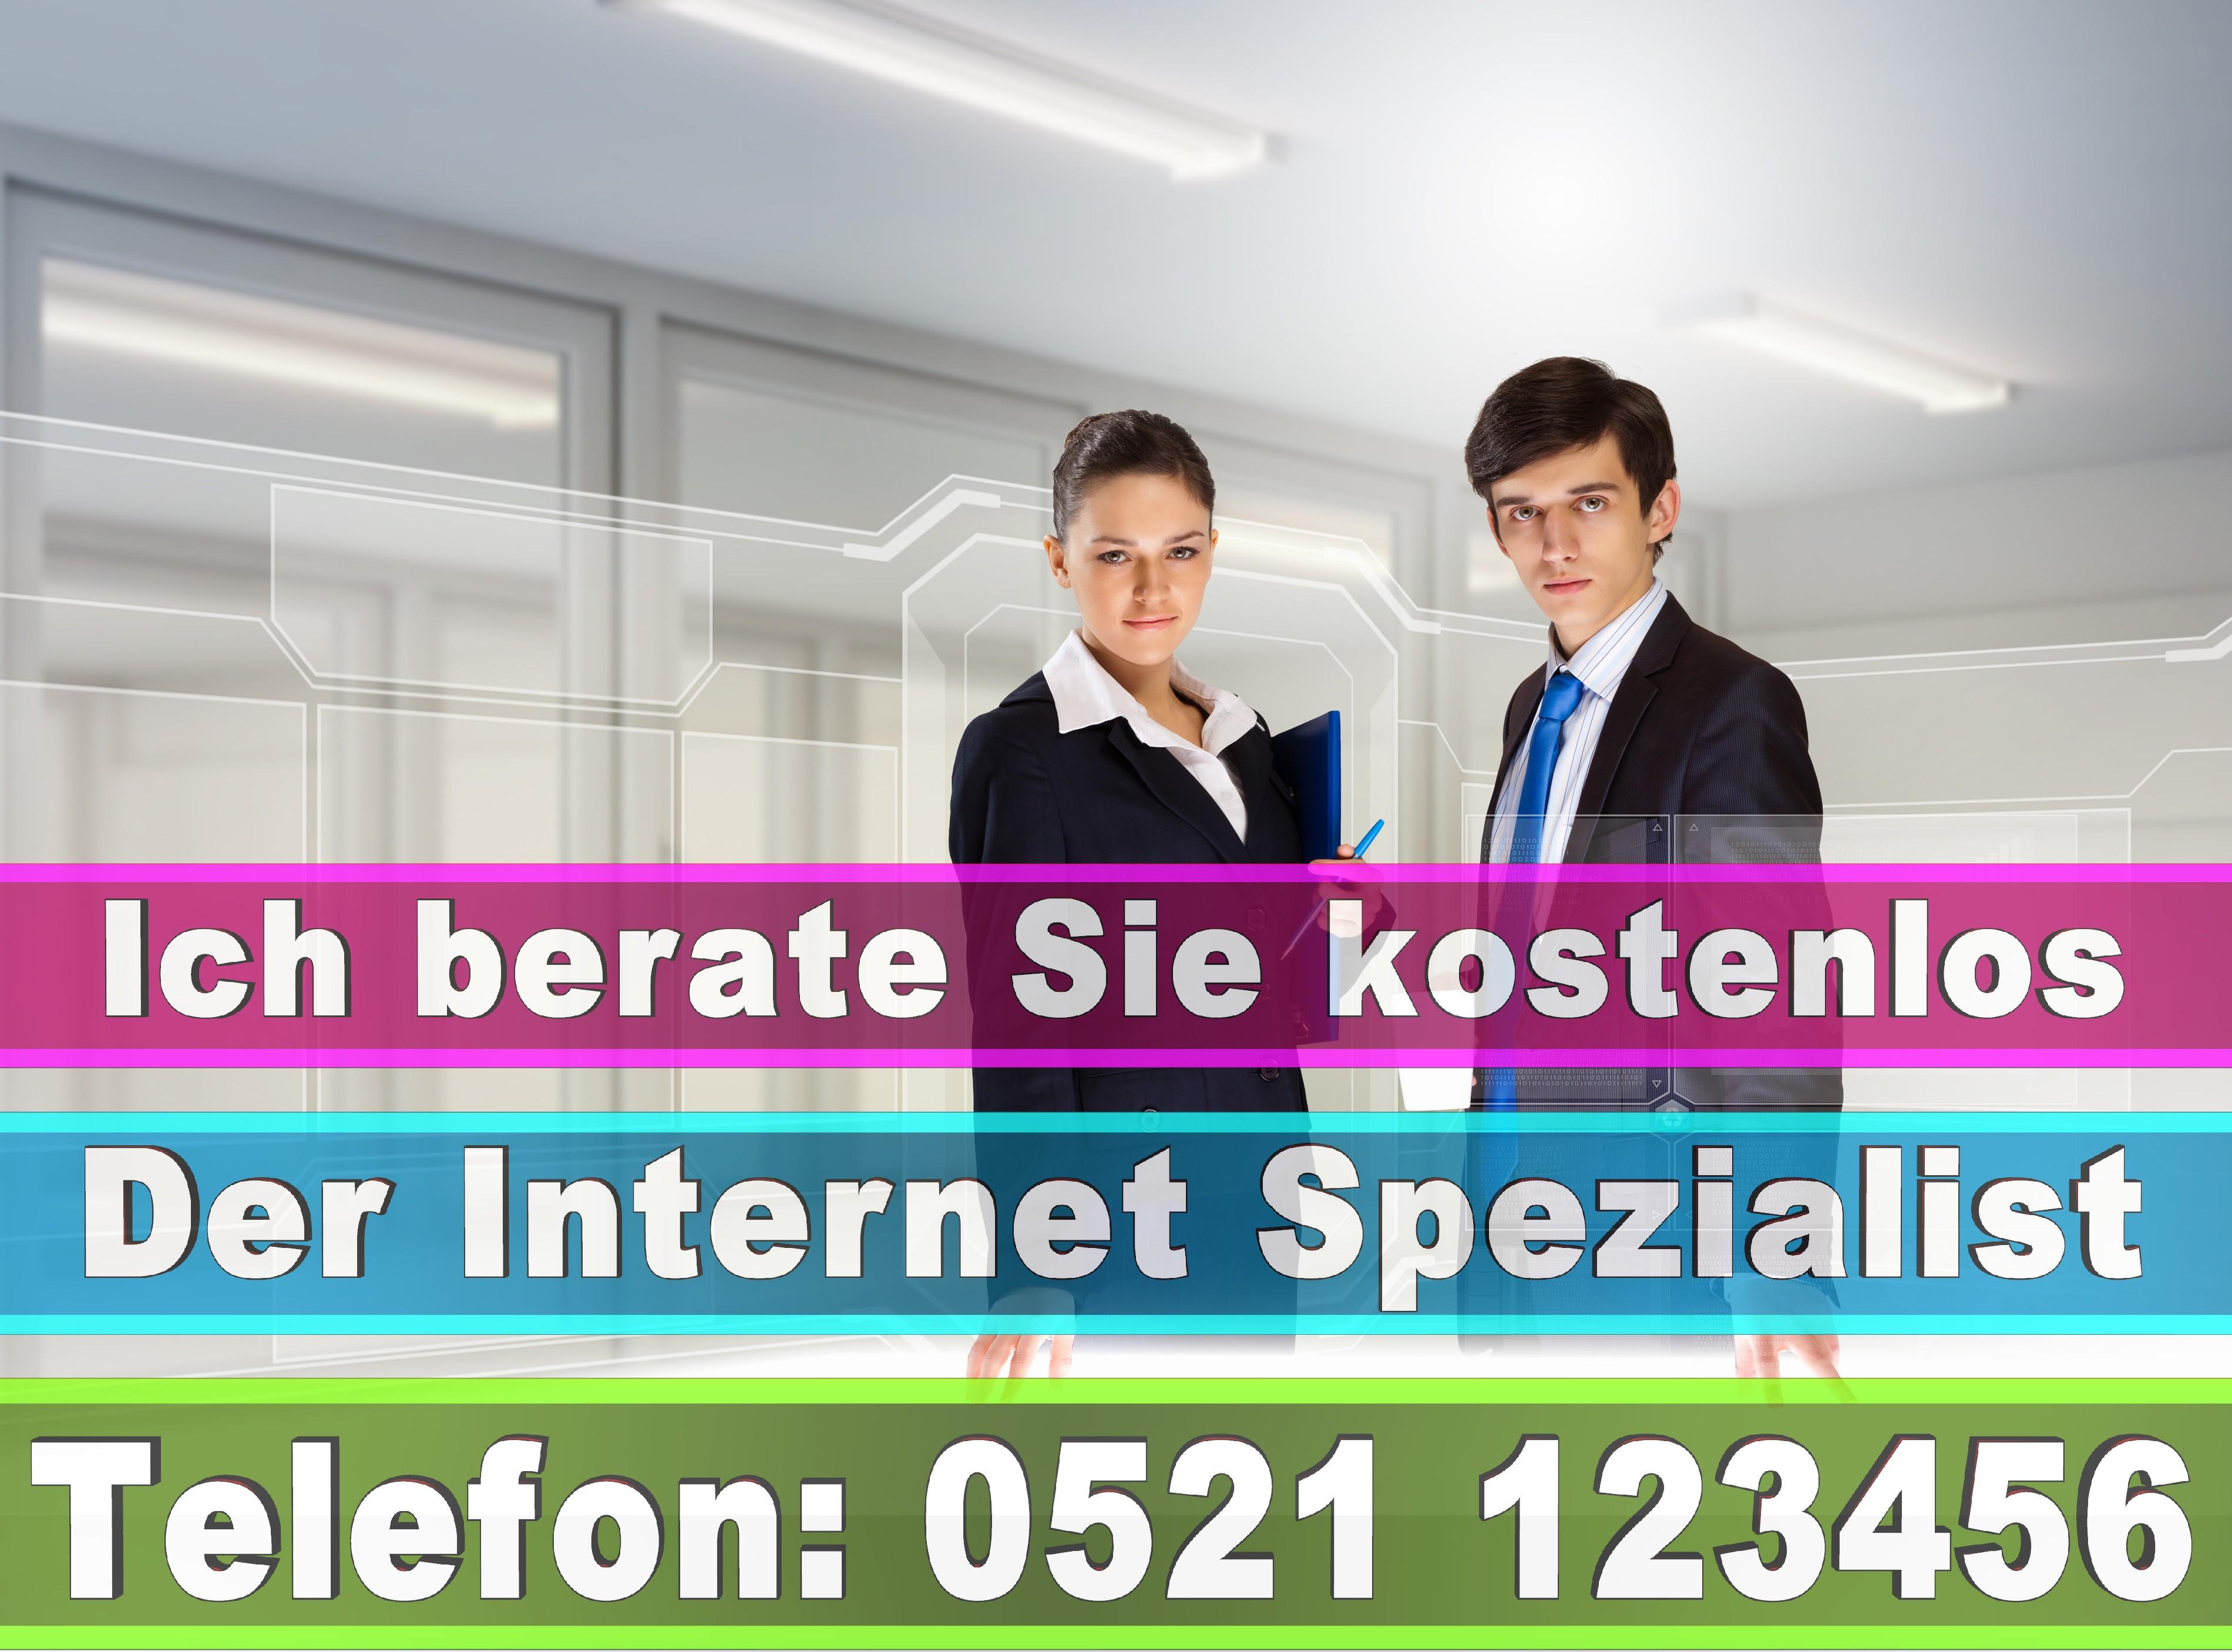 Rechtsanwalt Bielefeld Gütersloh Detmold Paderborn Münster Osnabrück Dortmund Essen Düsseldorf Köln Berlin Hamburg (11)